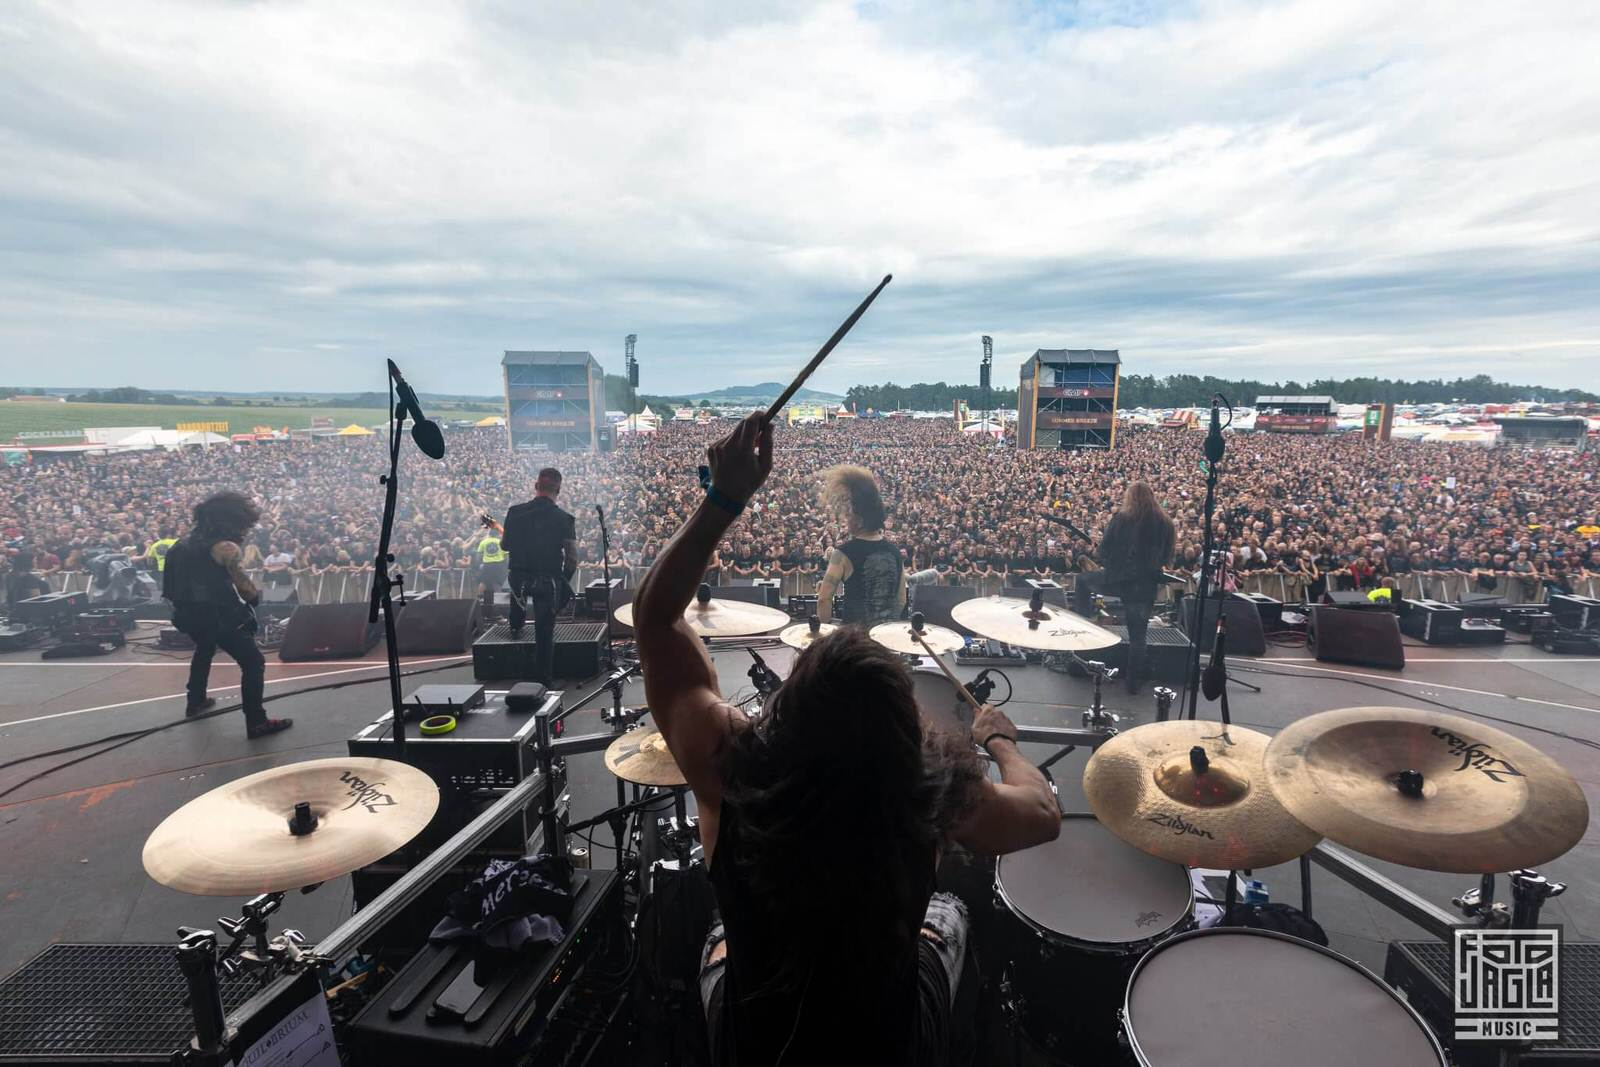 Konzertfotografie von der Bühne aus - Hinter dem Schlagzeuger